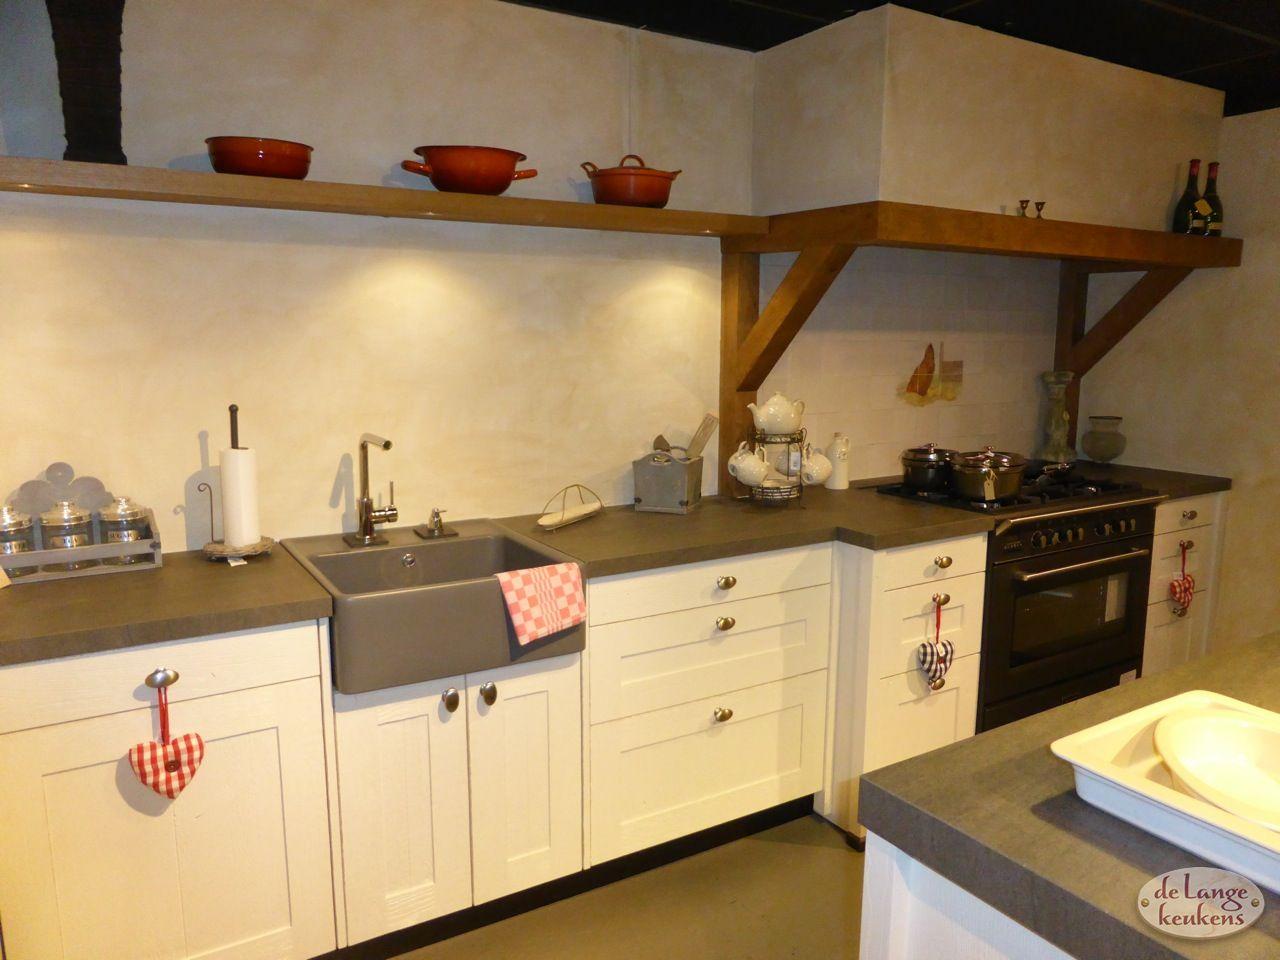 Keuken Landelijk Kookeiland : Keuken inspiratie landelijk met kookeiland de lange keukens